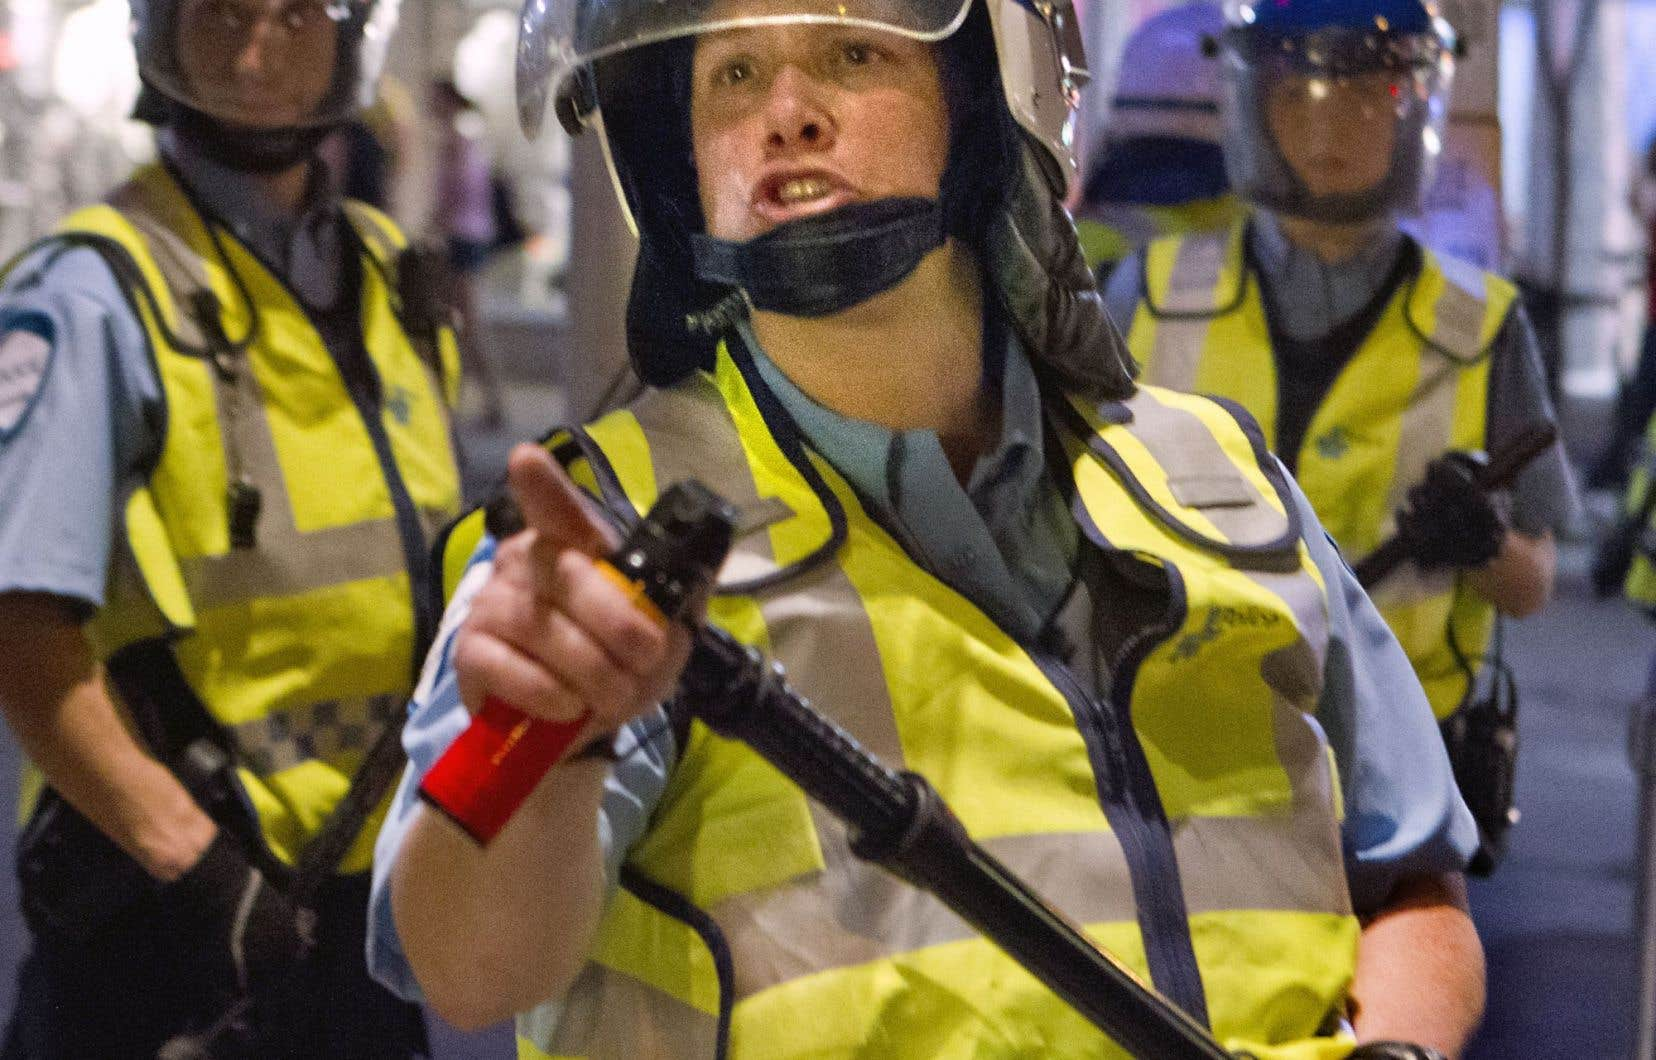 L'incident remonte au 20mai 2012, le jour où MmeTrudeau a été filmée en train d'asperger un manifestant de poivre de cayenne.